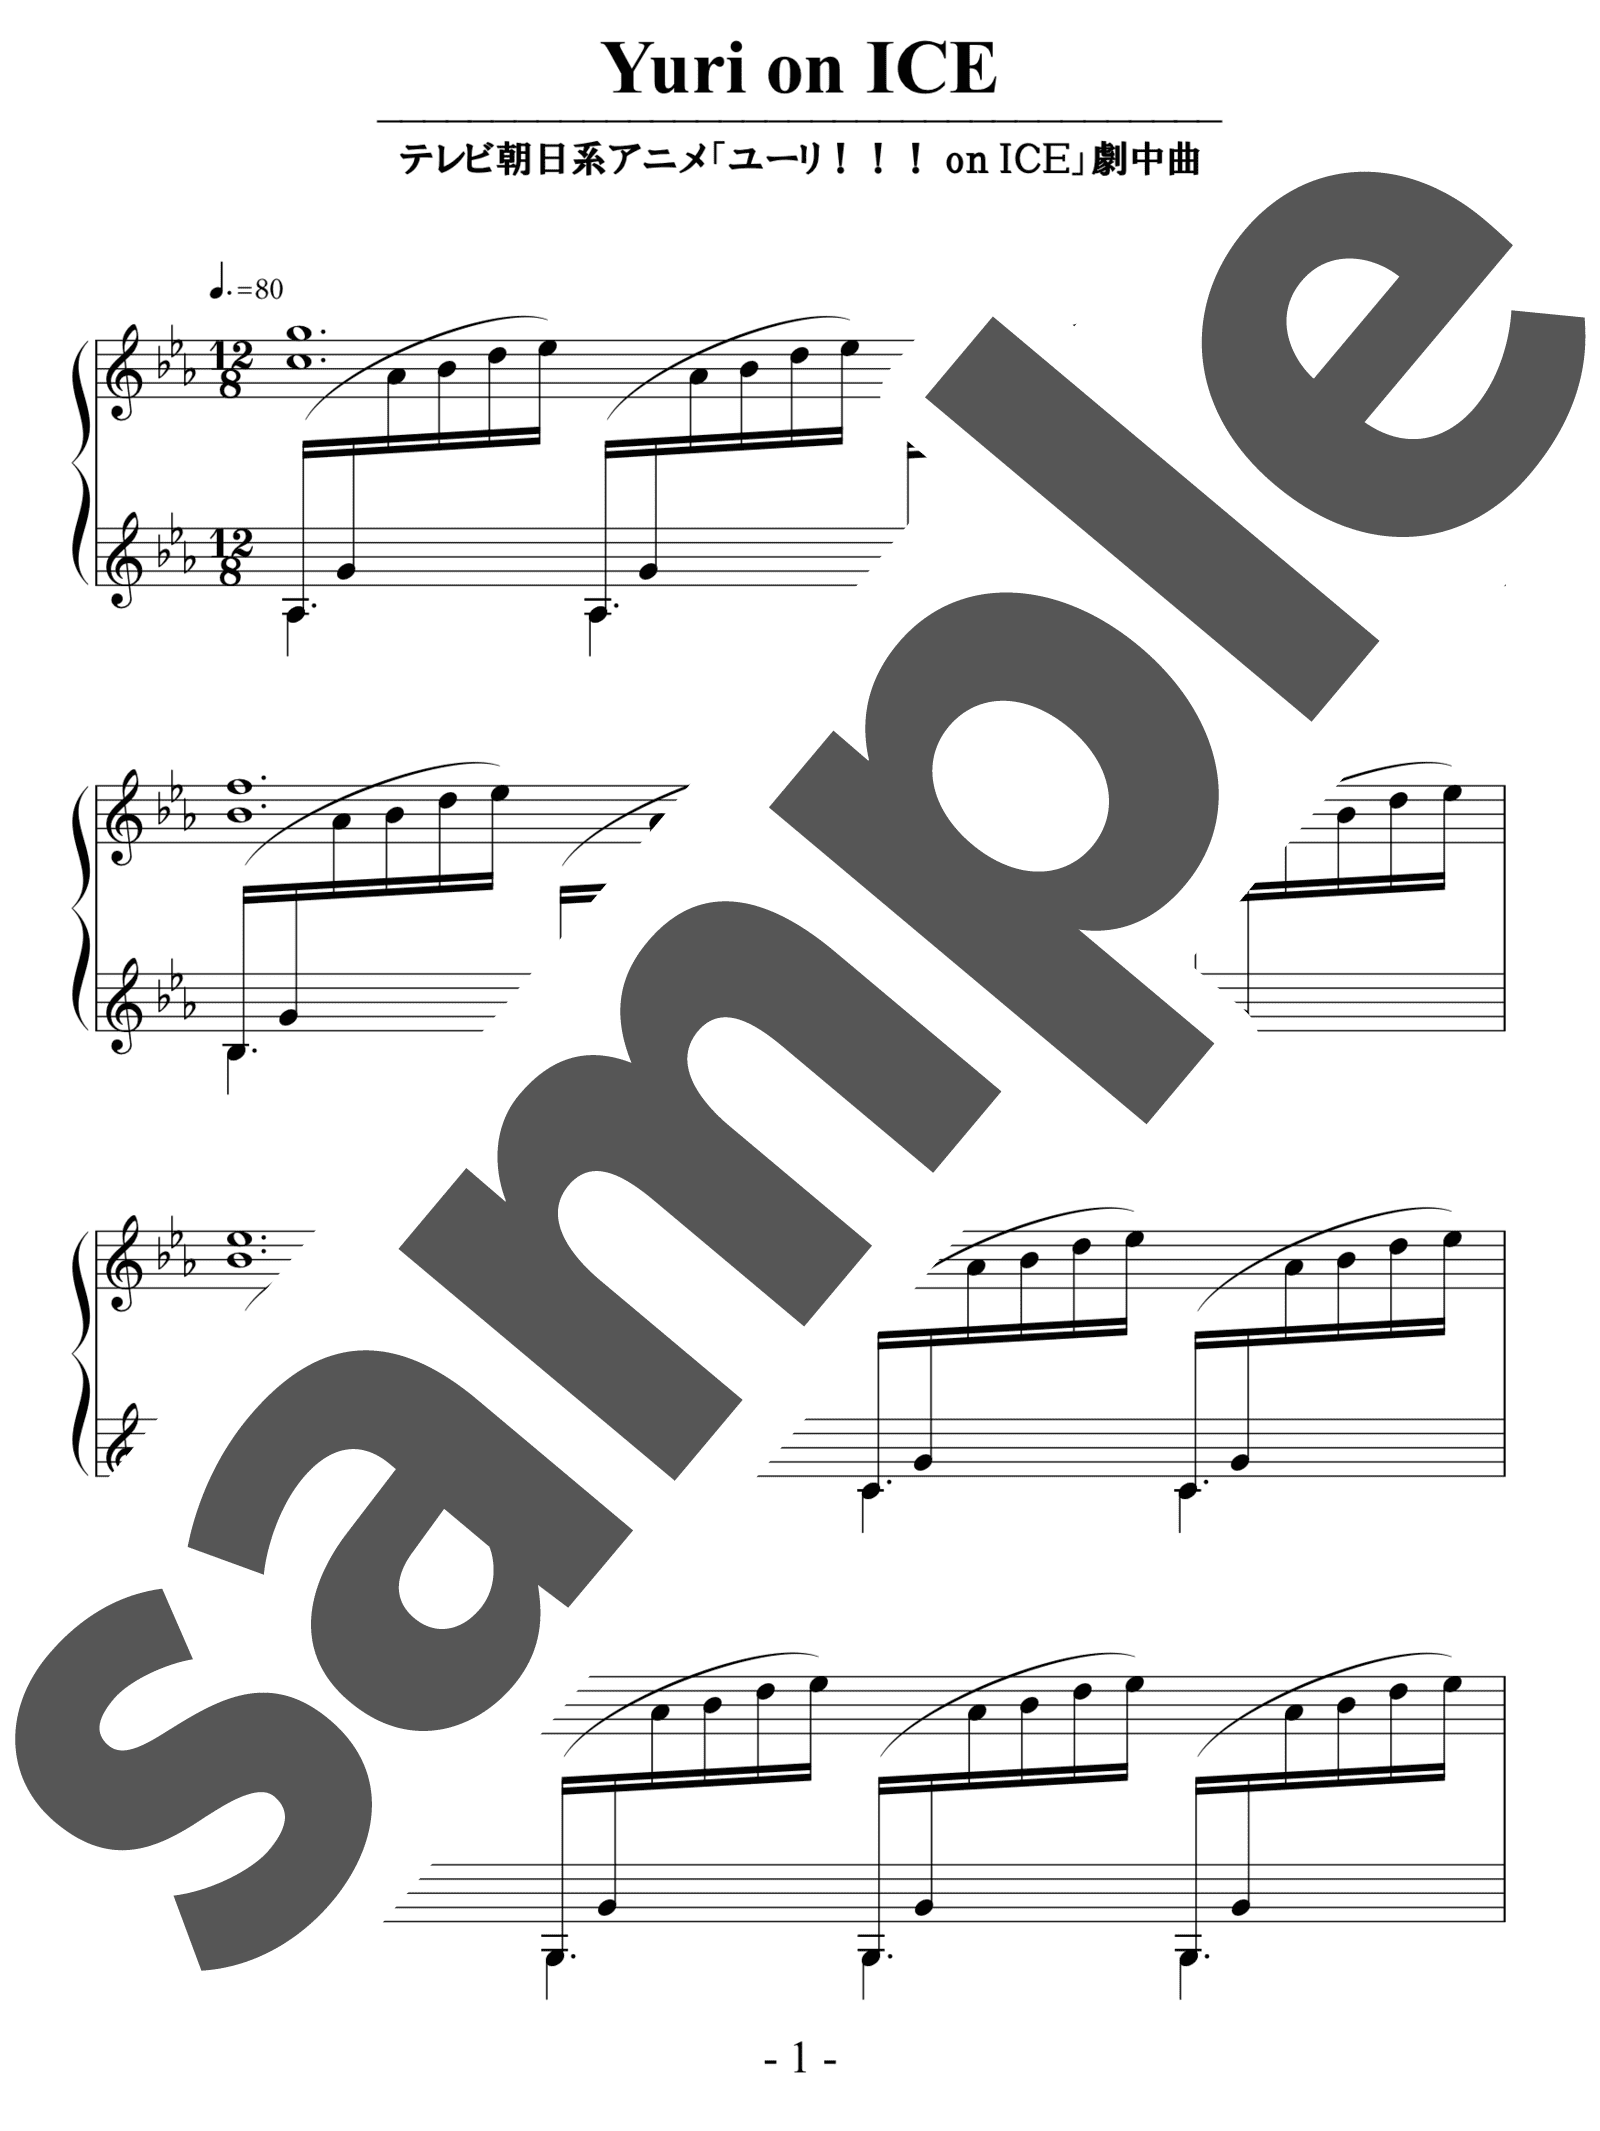 「Yuri on ICE」のサンプル楽譜